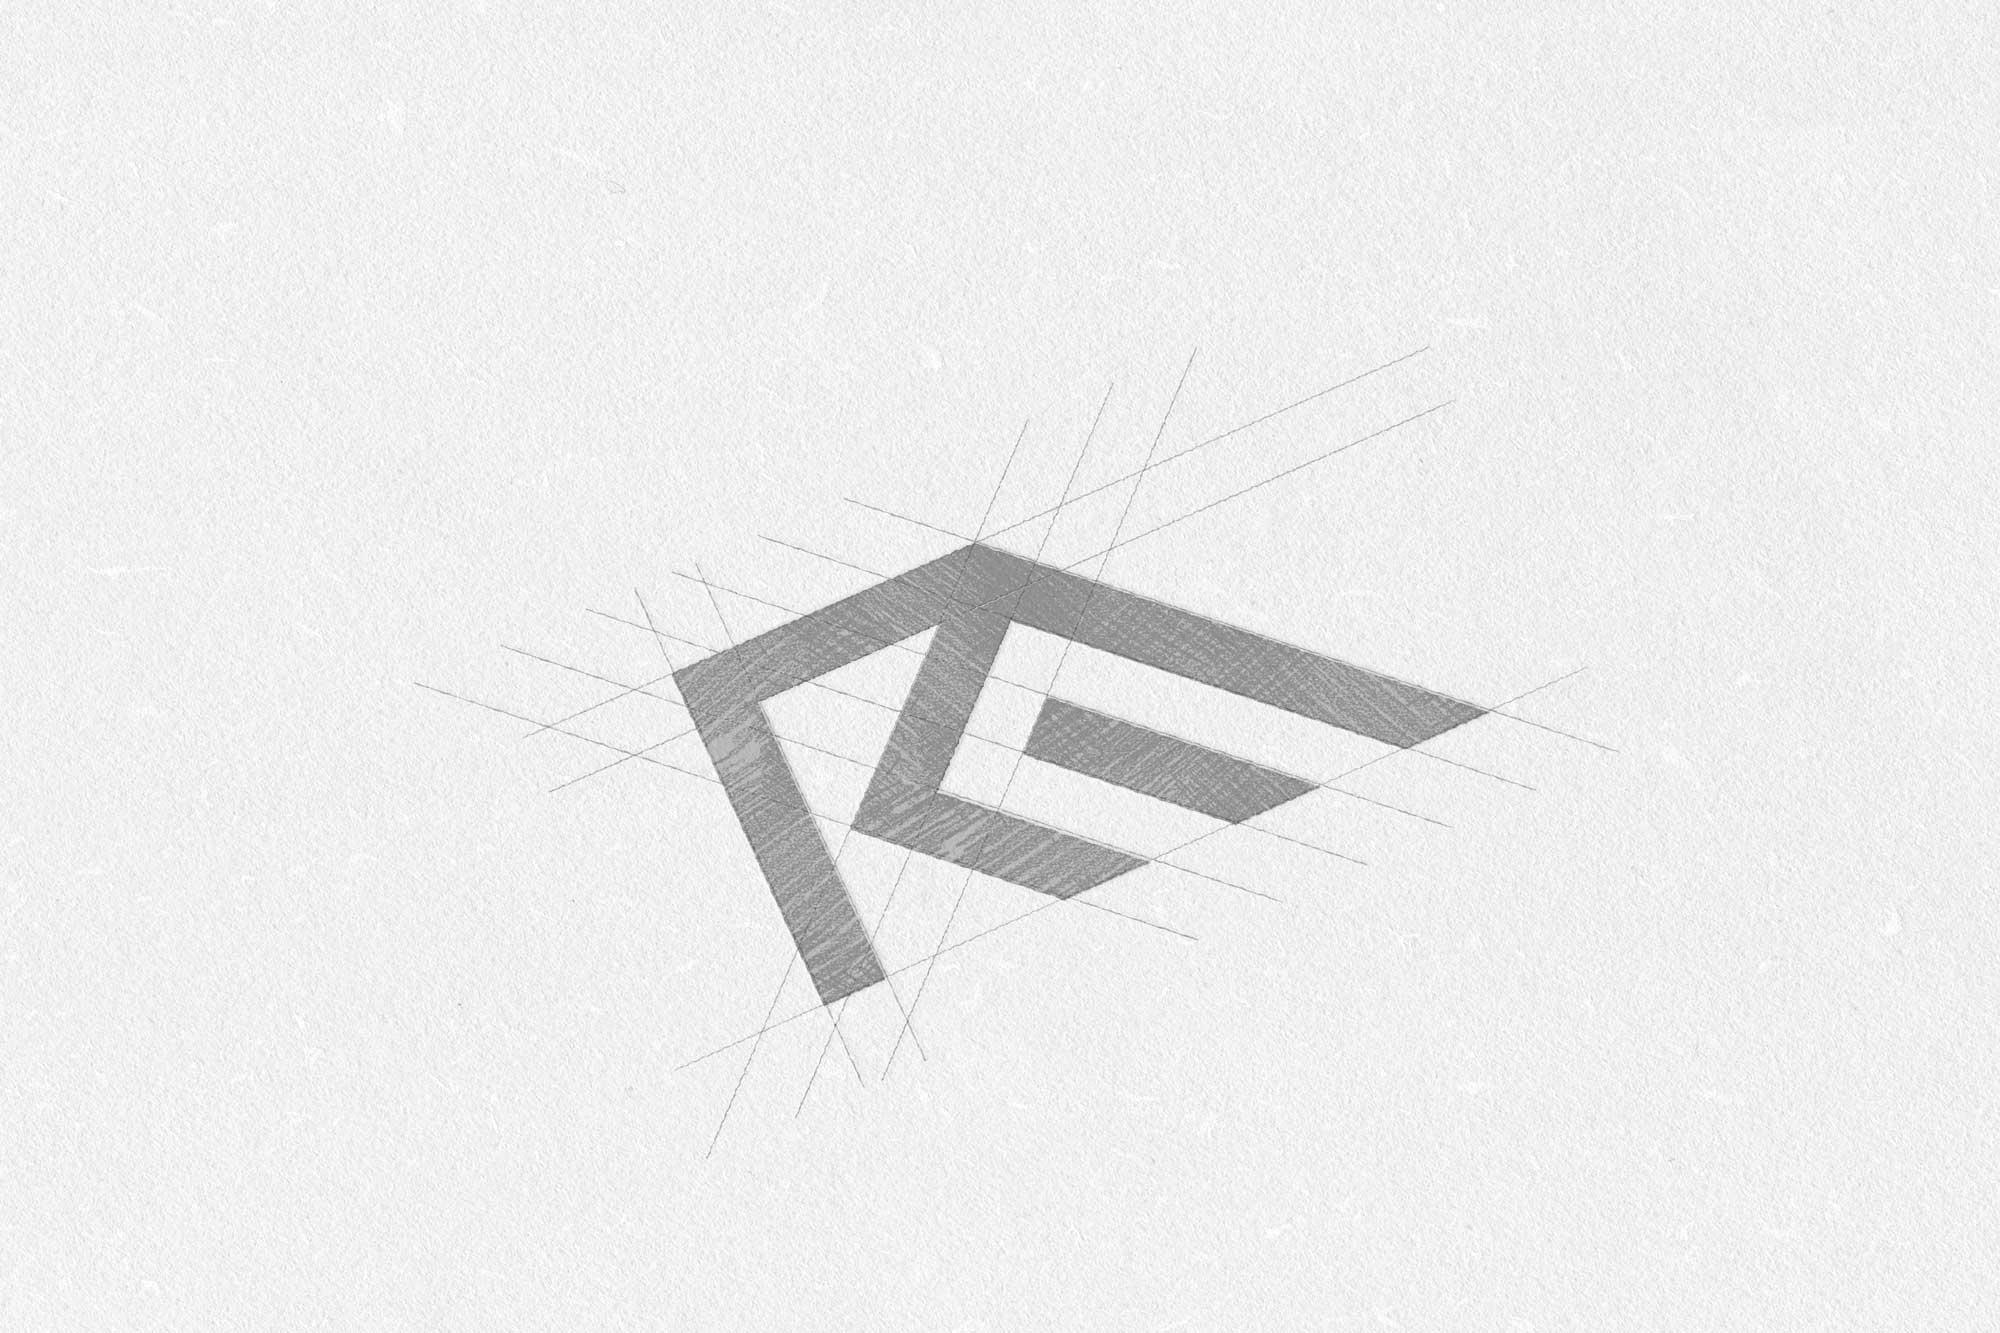 desenho geométrico para estudo do logótipo da marca de serralharia Ribeiro e Moreira